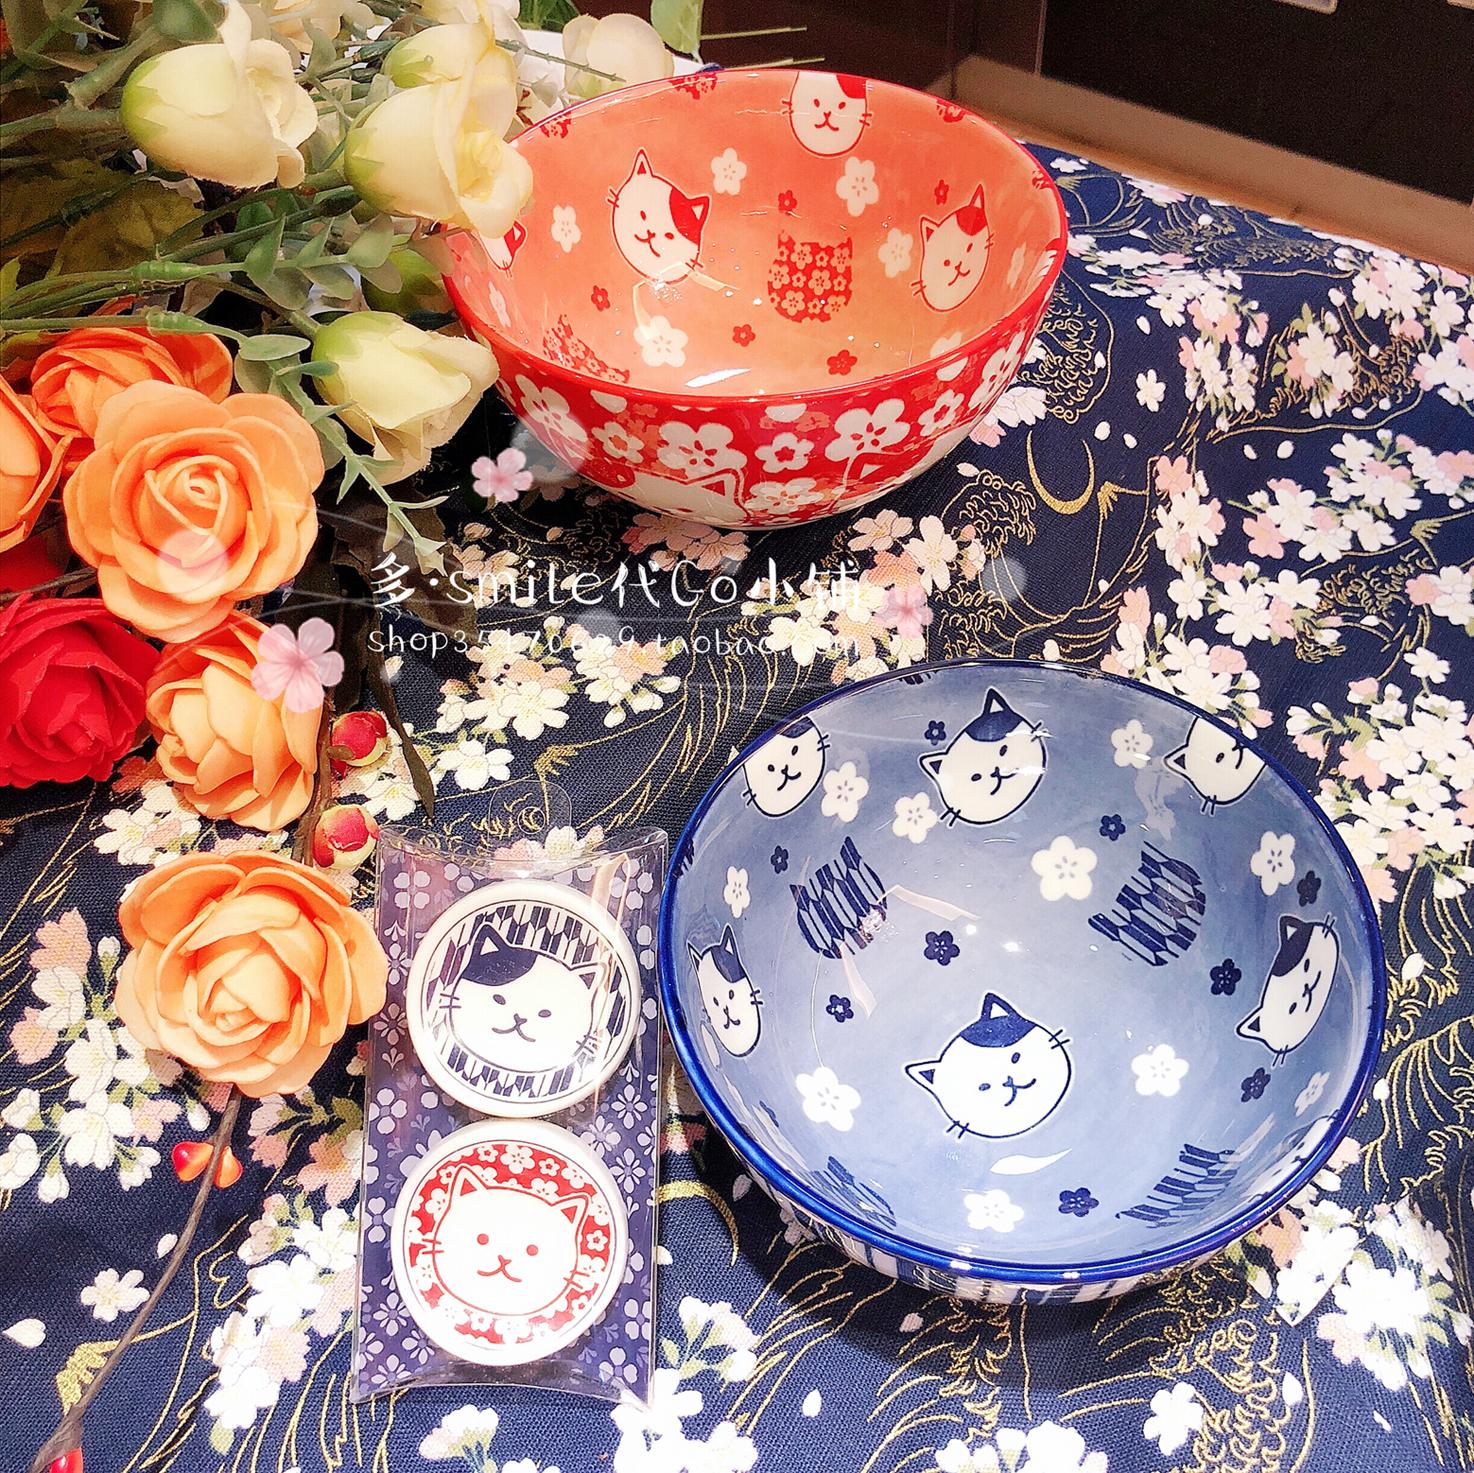 现货日本进口釉下彩可爱喵星人樱花猫咪控饭碗和风料理餐具